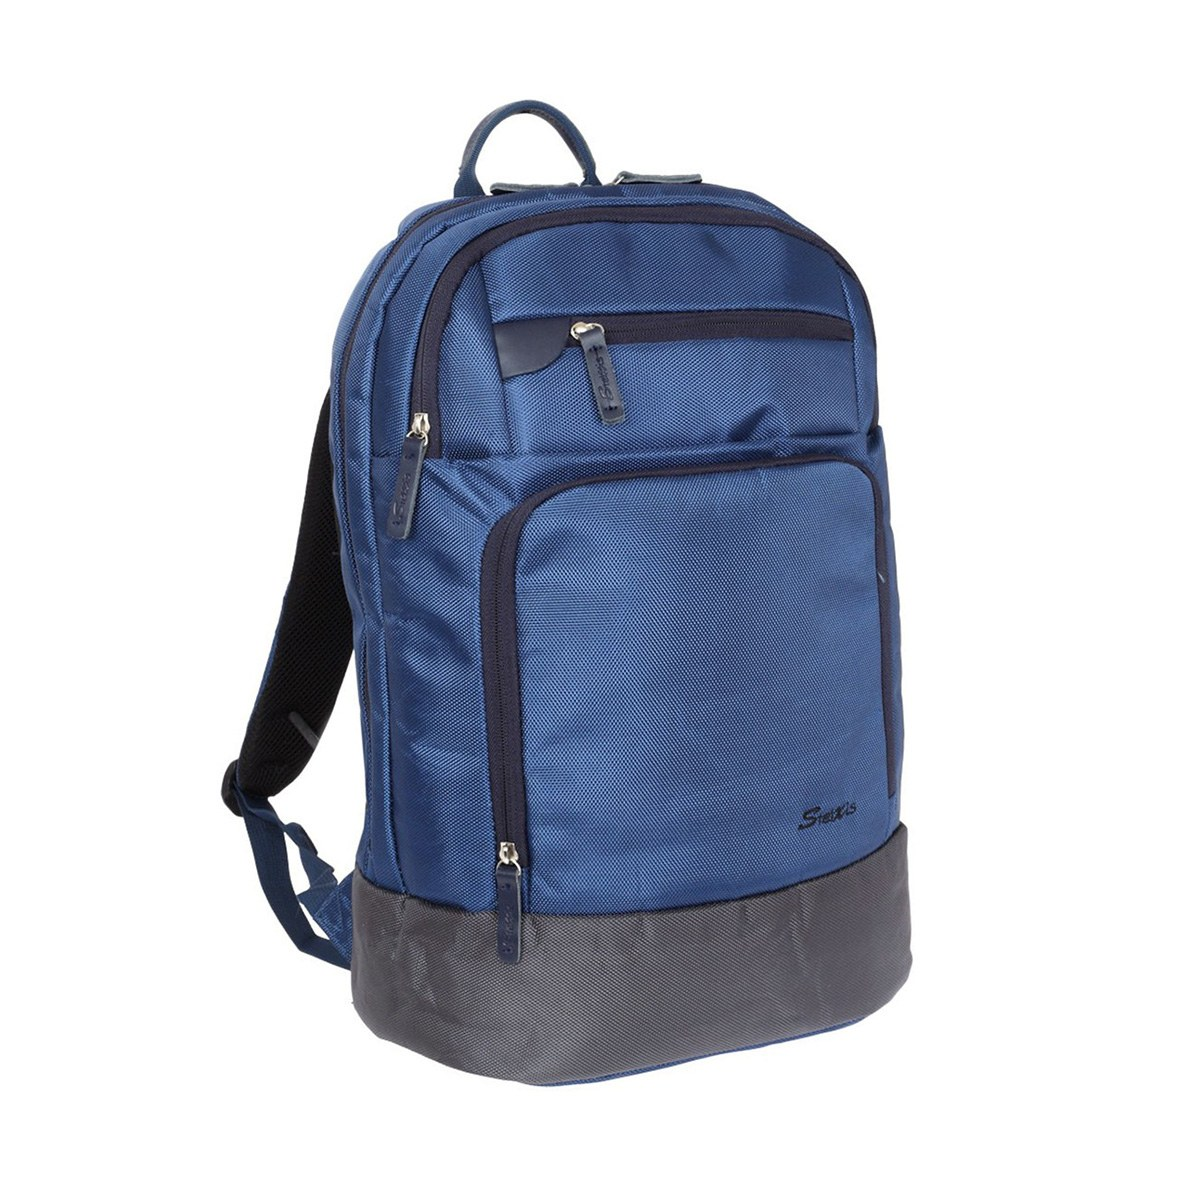 Σακίδιο Πλάτης Stelxis Laptop-Tablet Backpack 15.6